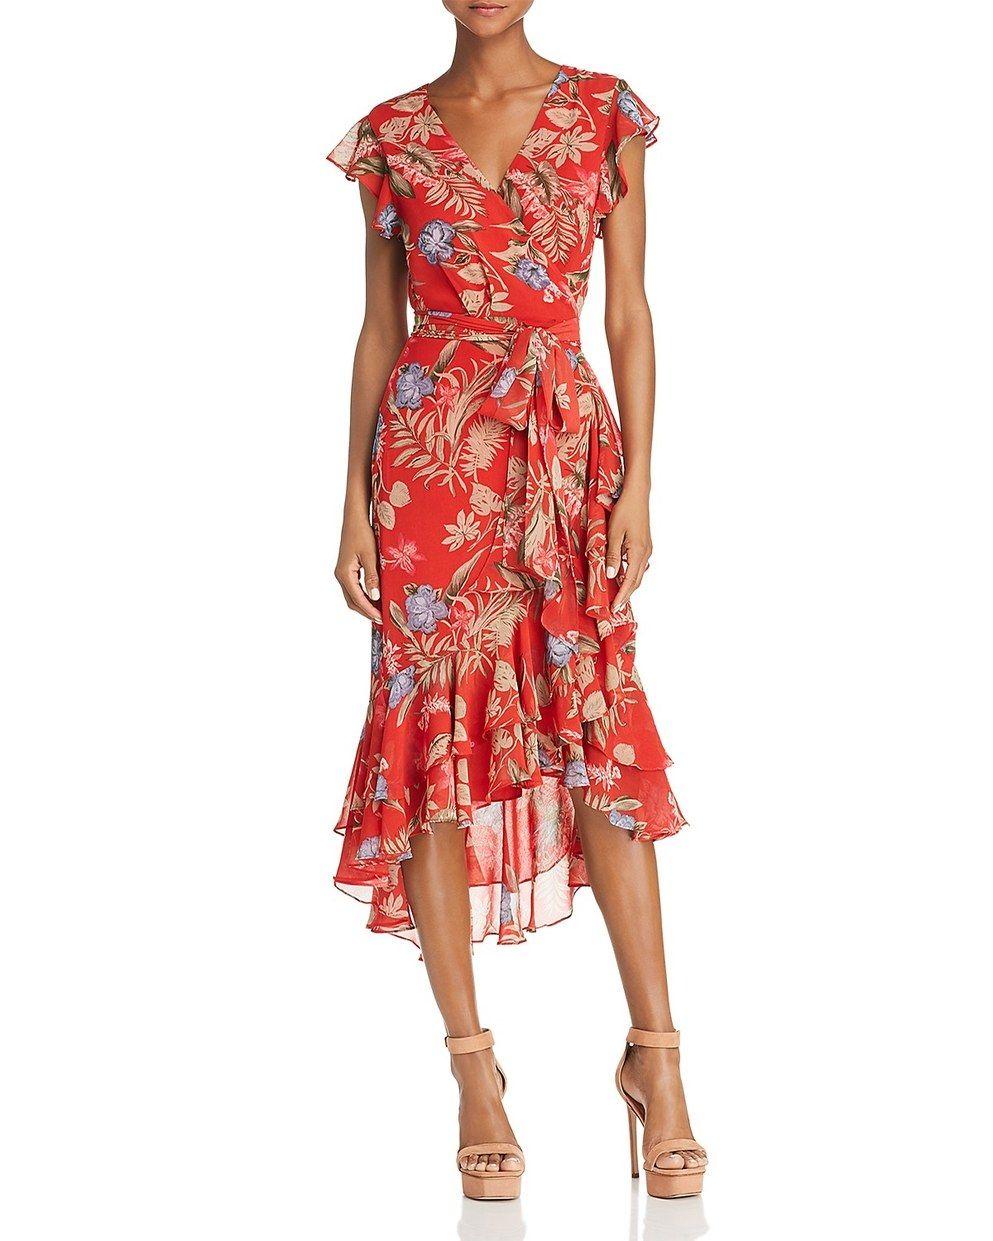 32 Summer Wedding Guest Dresses For Every Dress Code Summer Dresses Sundresses Summer Cocktail Dress Summer Dresses [ 1241 x 993 Pixel ]